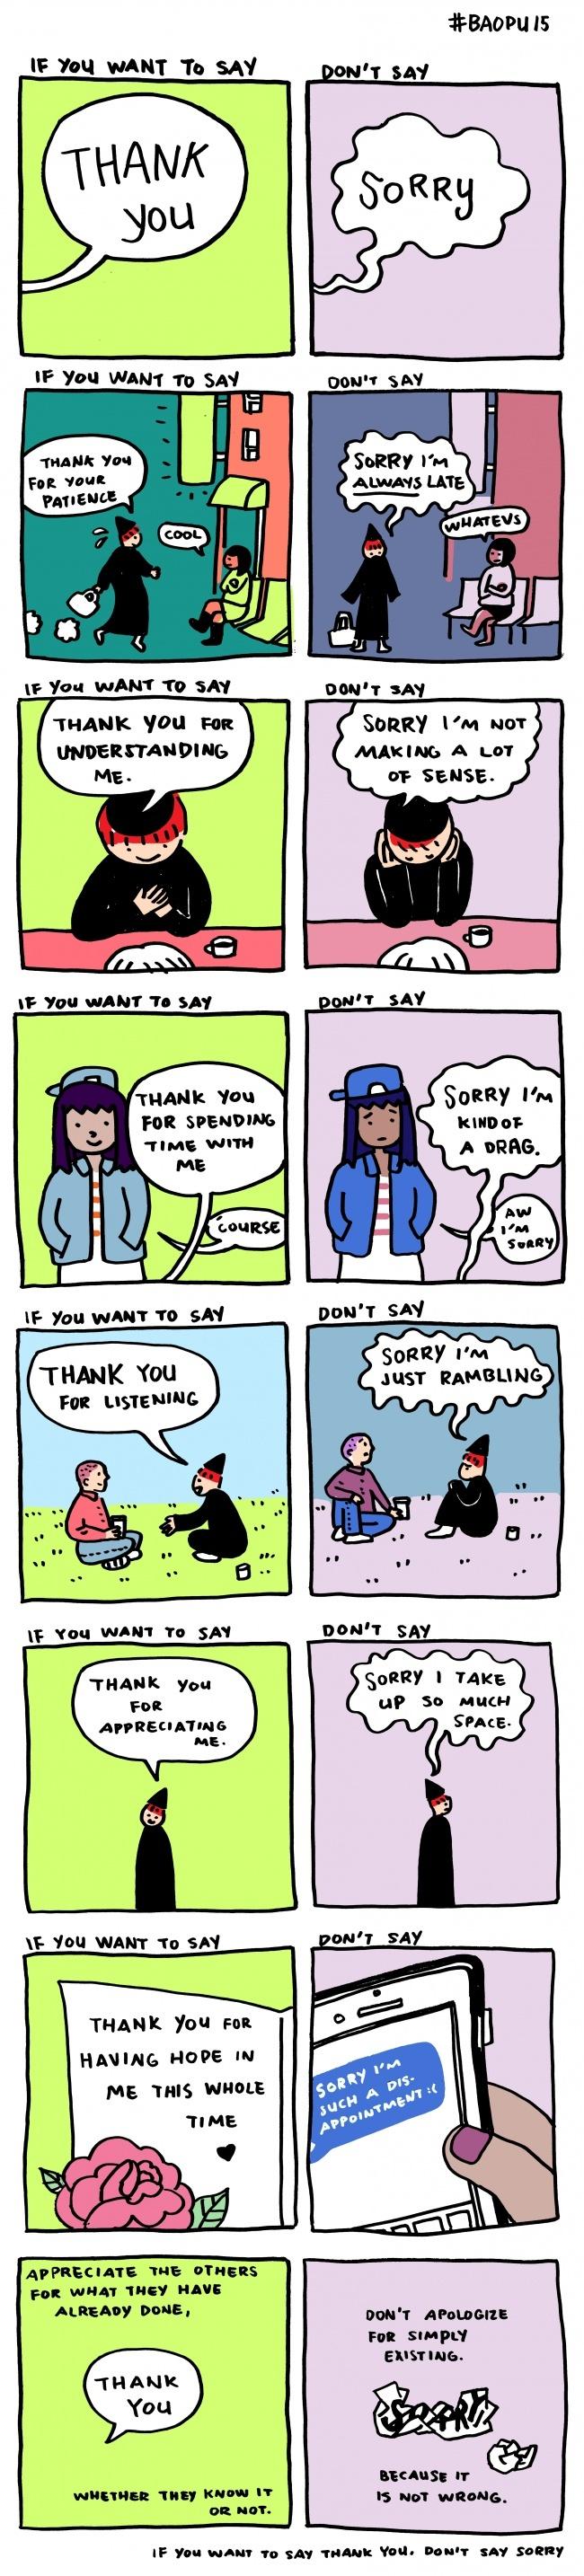 Hoe vaak zeg jij sorry?